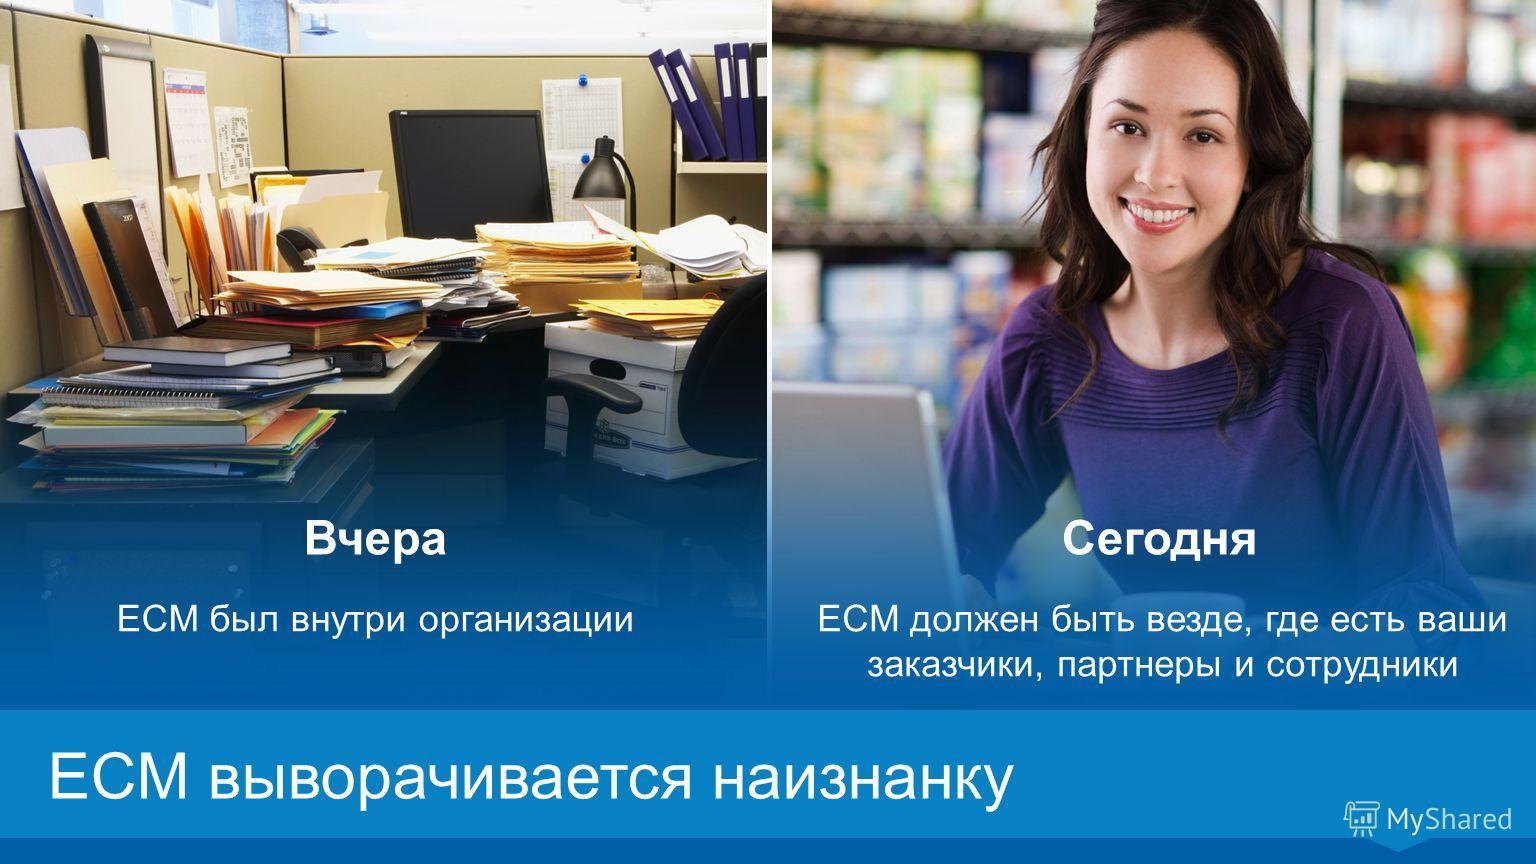 ECM выворачивается наизнанку ВчераСегодня ECM был внутри организацииECM должен быть везде, где есть ваши заказчики, партнеры и сотрудники